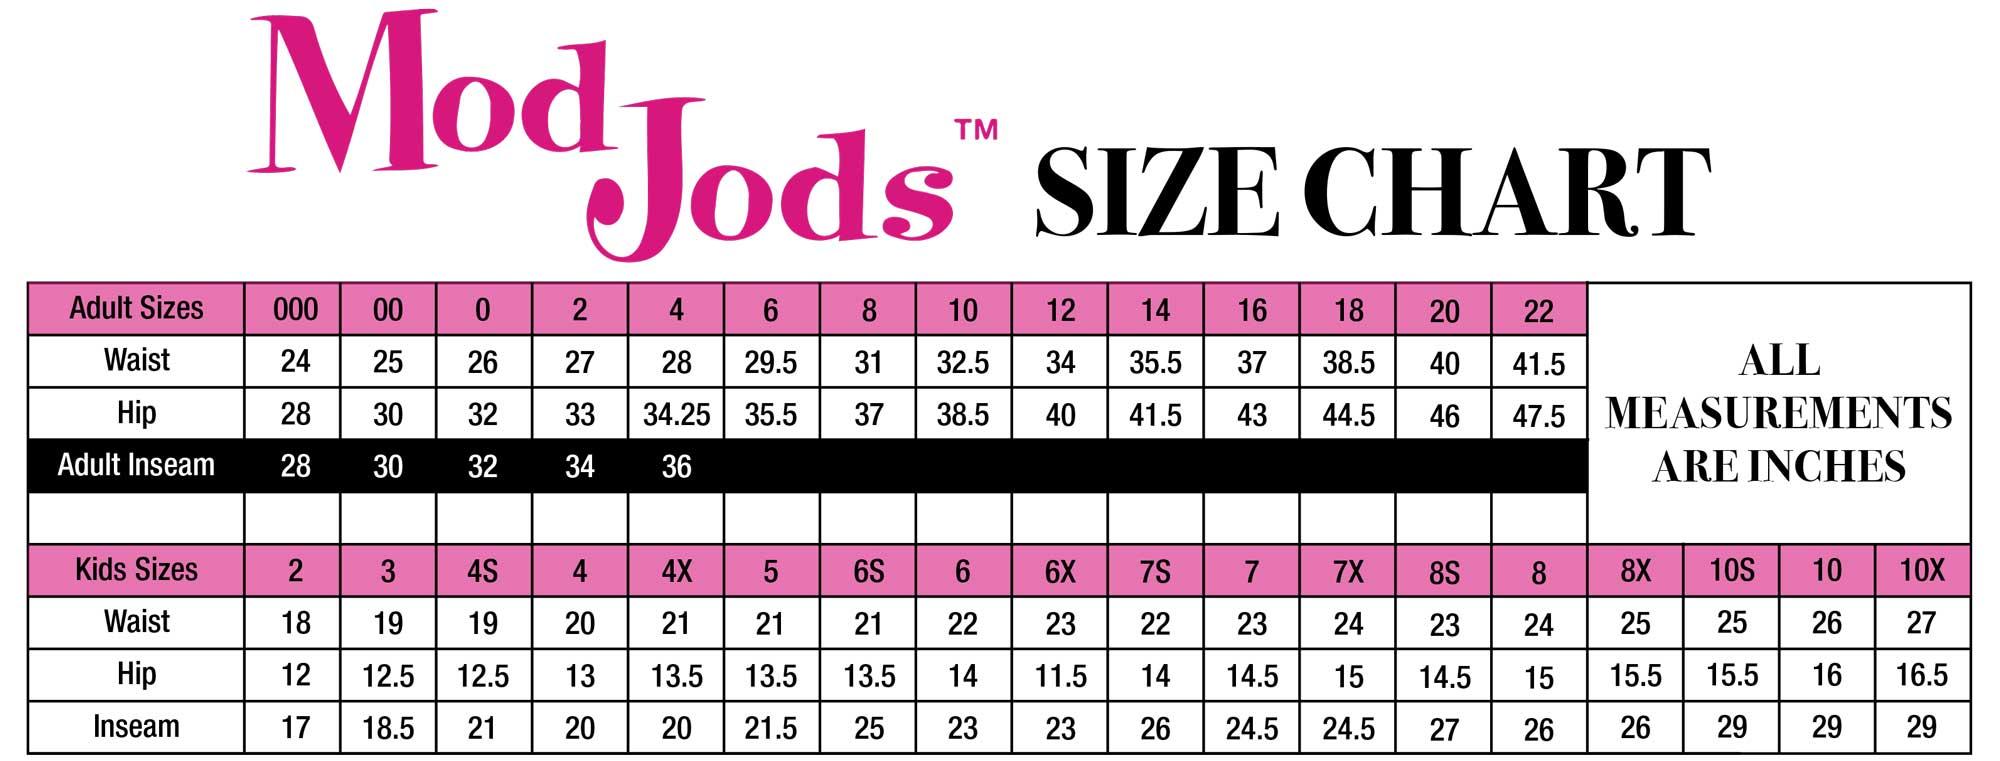 ModJods Size Chart